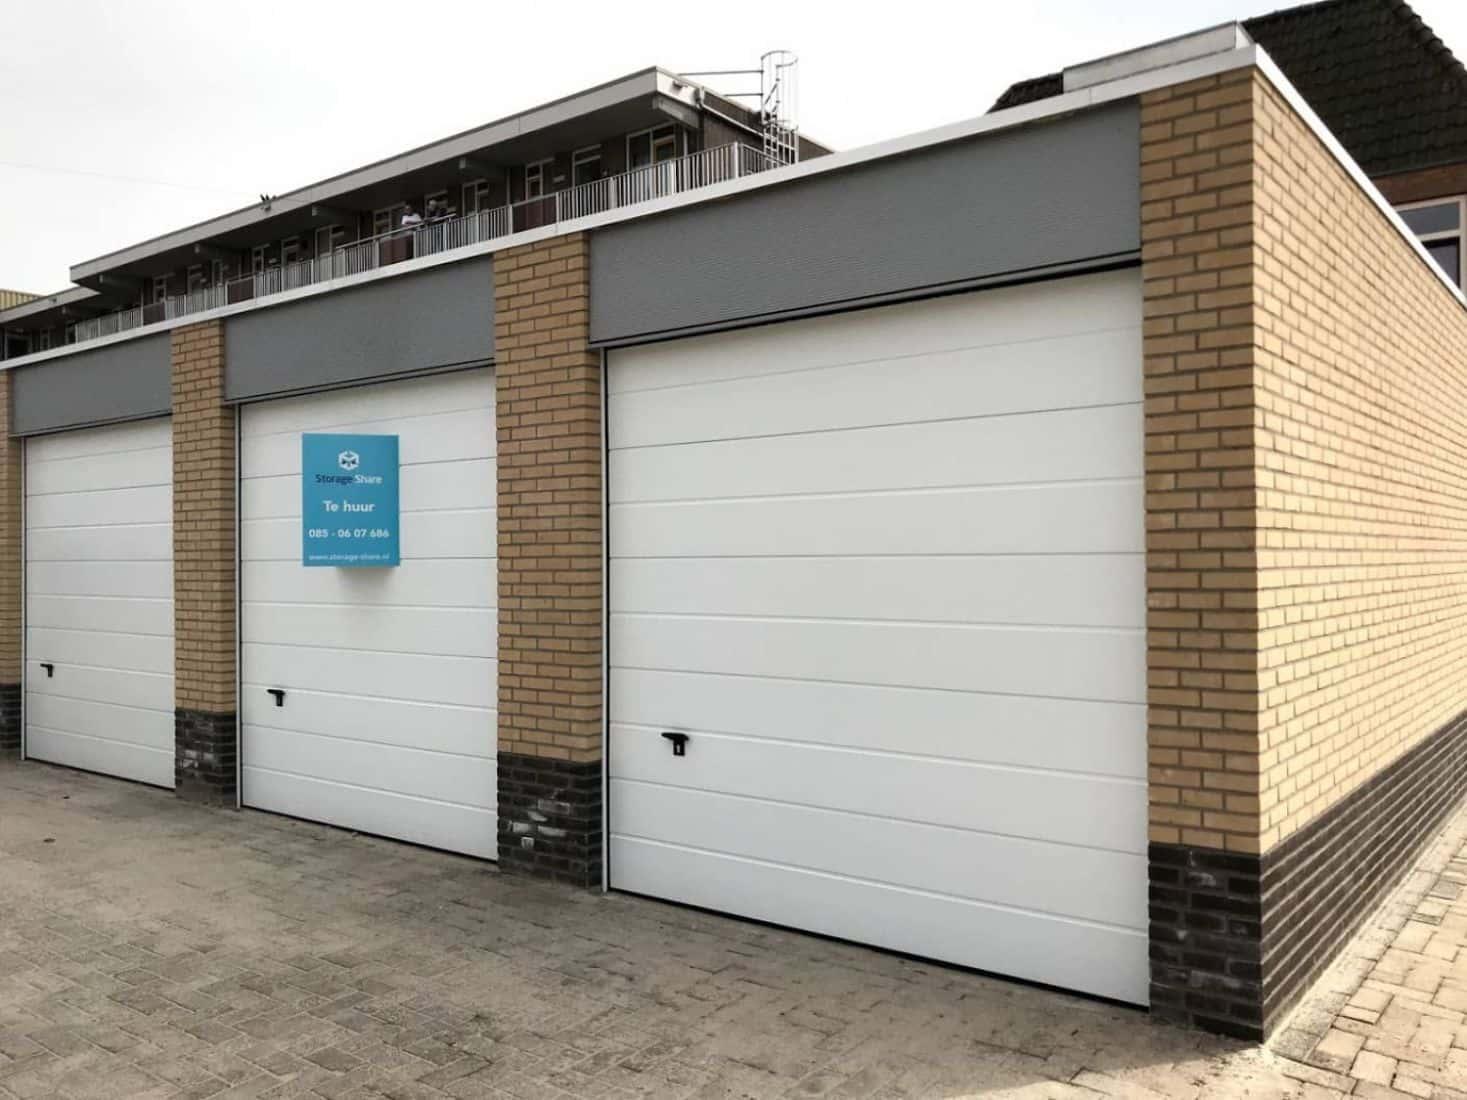 Garage Huren Zutphen : Garageboxen huren hoogeveen storage share